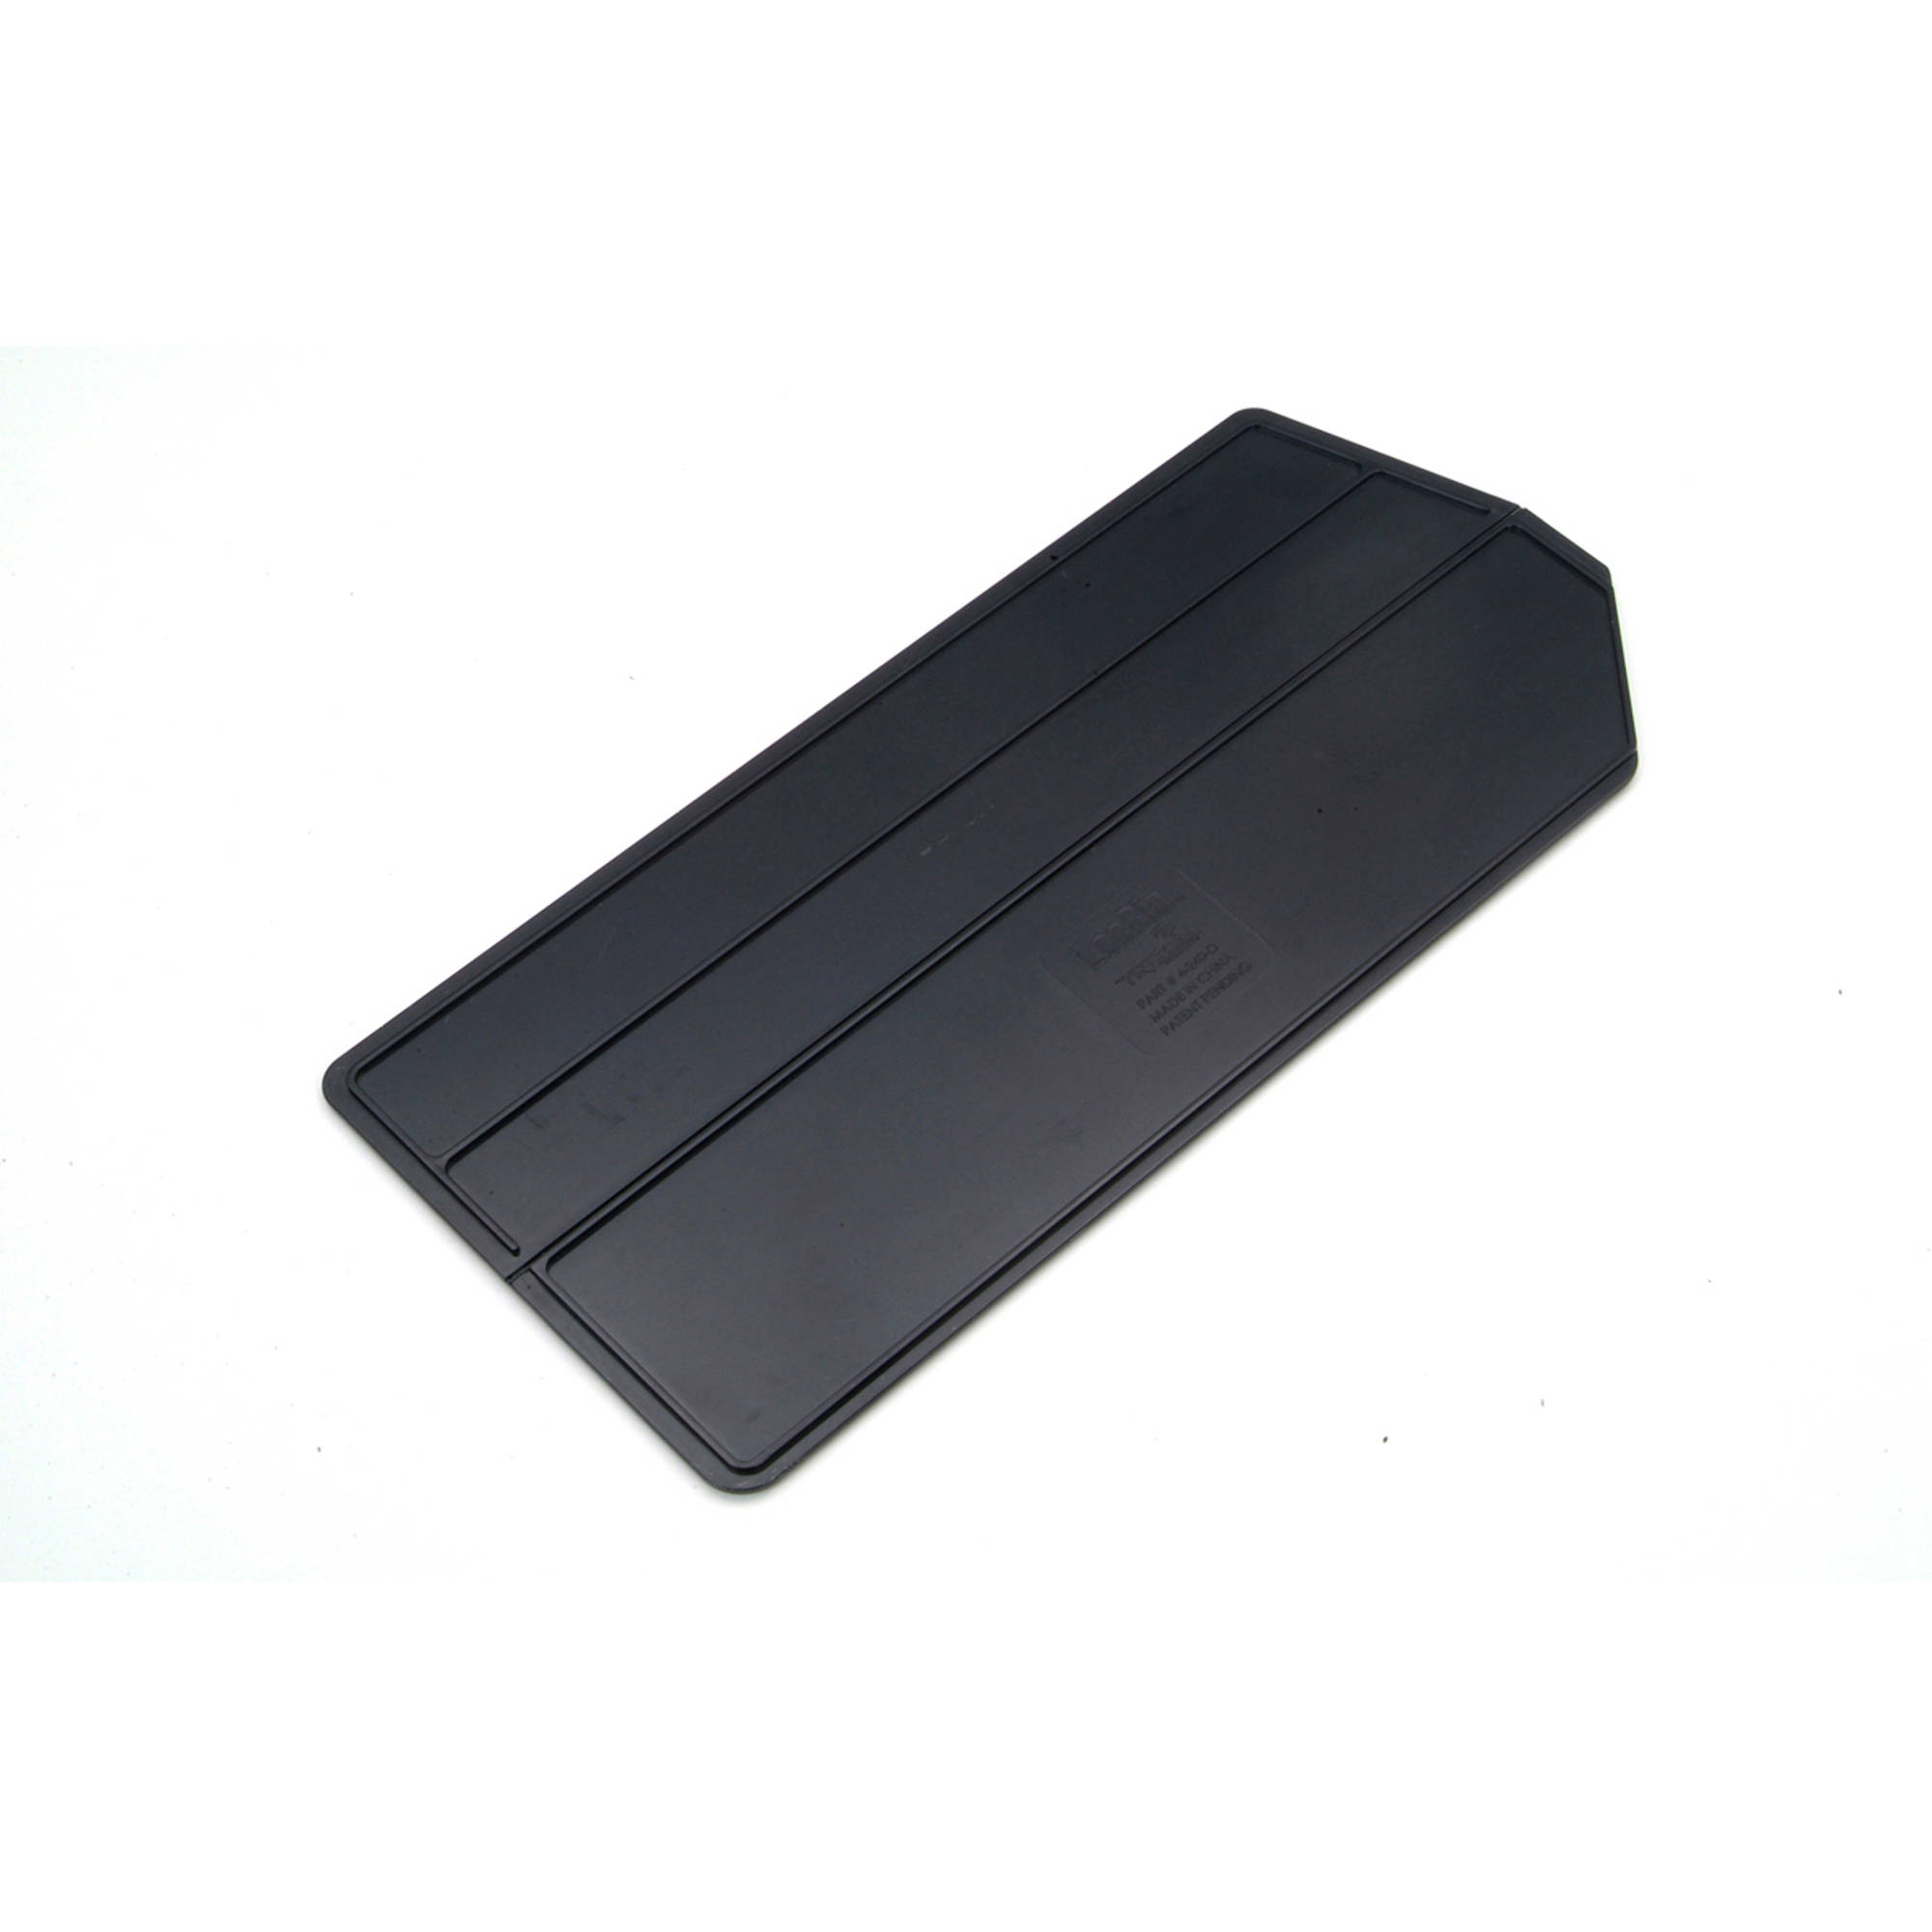 """LocBin 13-7/8""""L x 6-1/2""""W x 1/4""""H ABS Plastic Black Bin Dividers for 3-240 Bins, 6pk"""